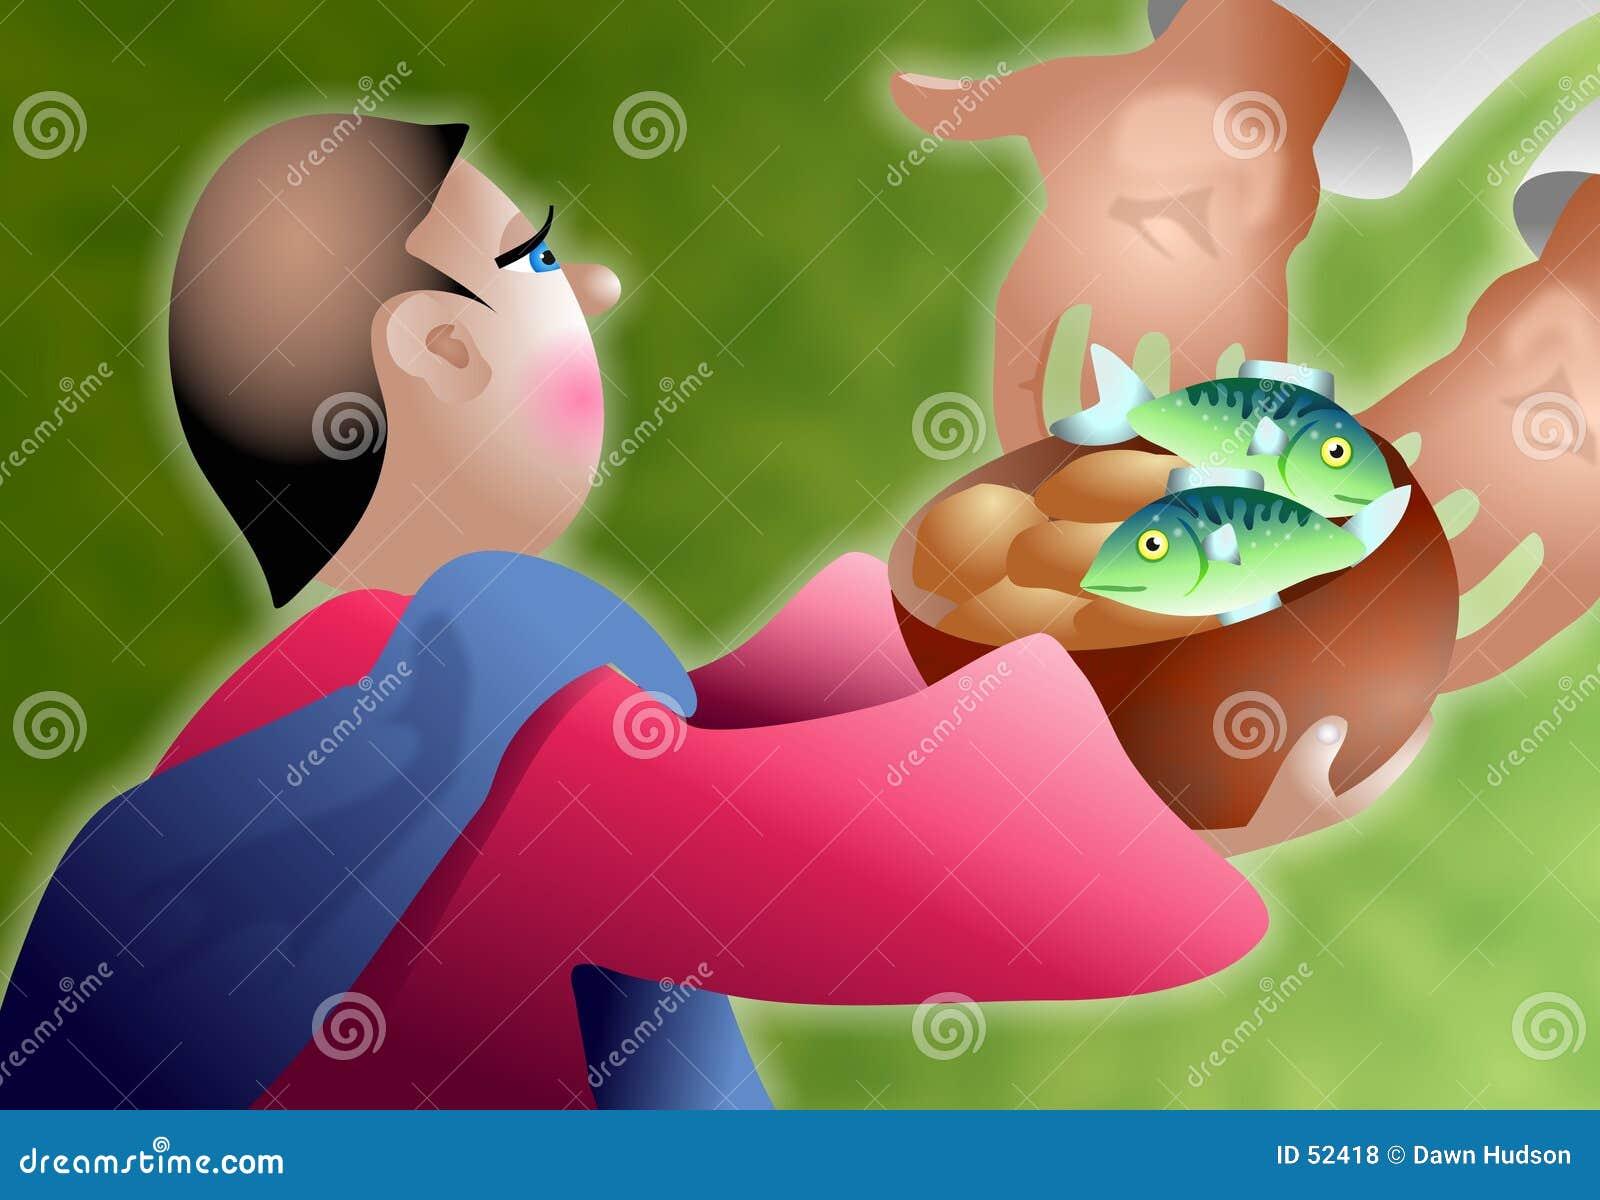 Download Pains et poissons illustration stock. Illustration du religieux - 52418